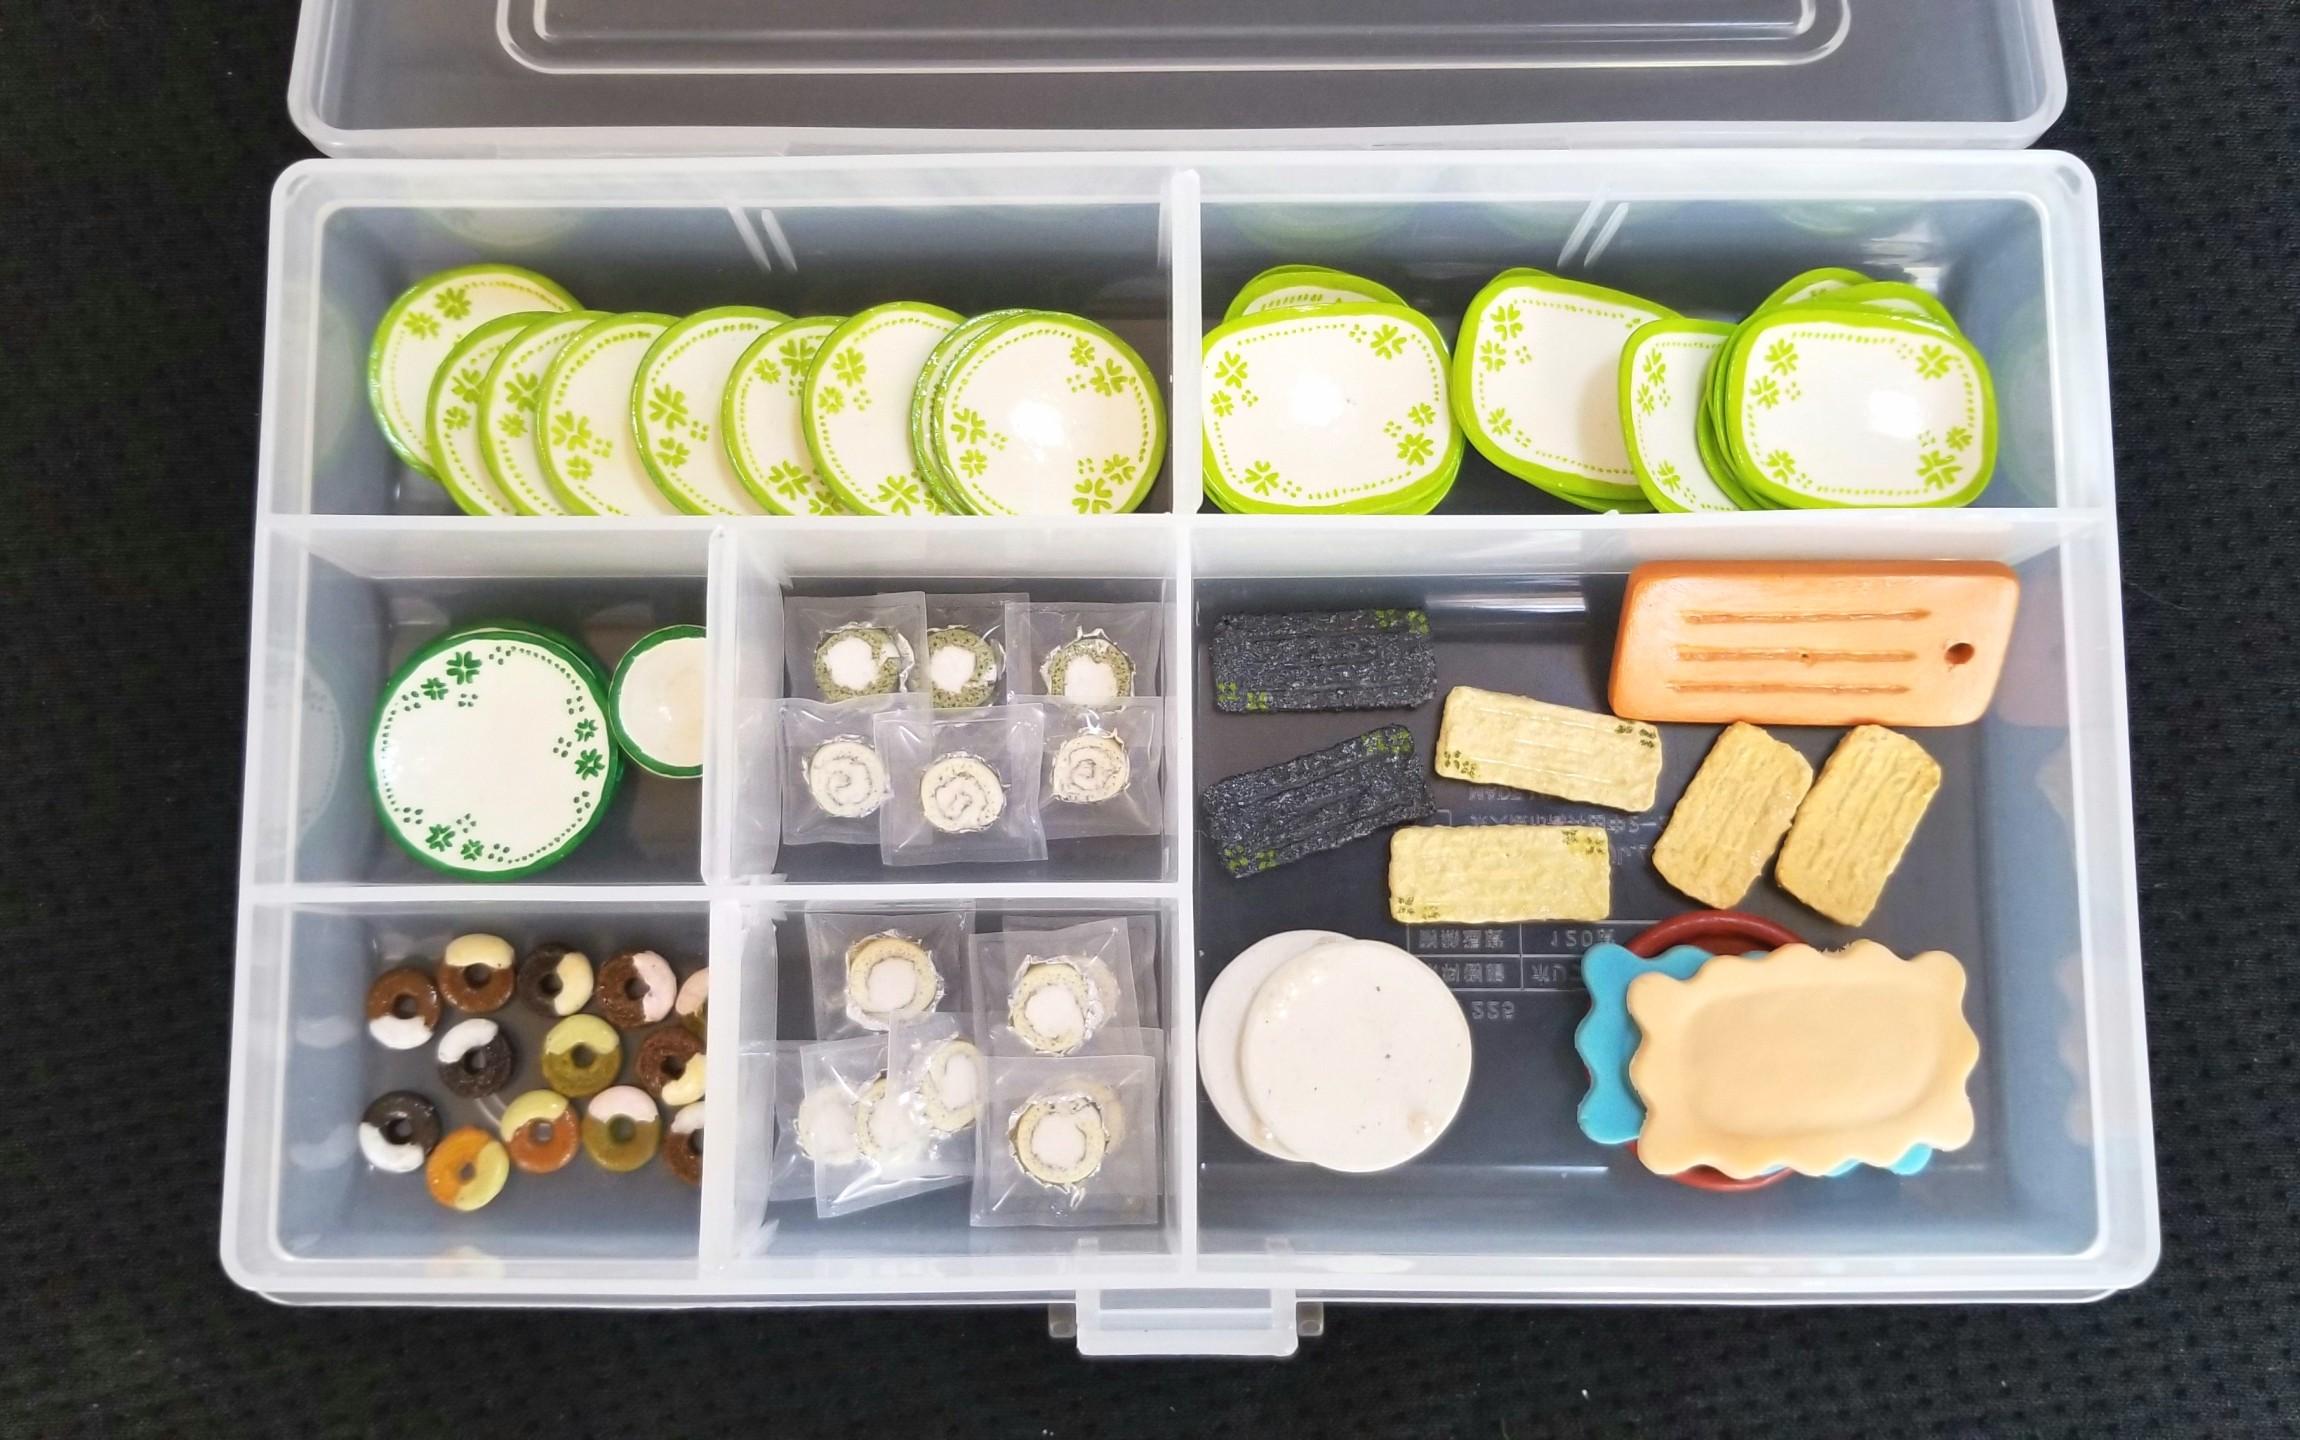 ミニチュア,お皿,食器,ドーナツ,粘土,ドールハウス,ハンドメイド